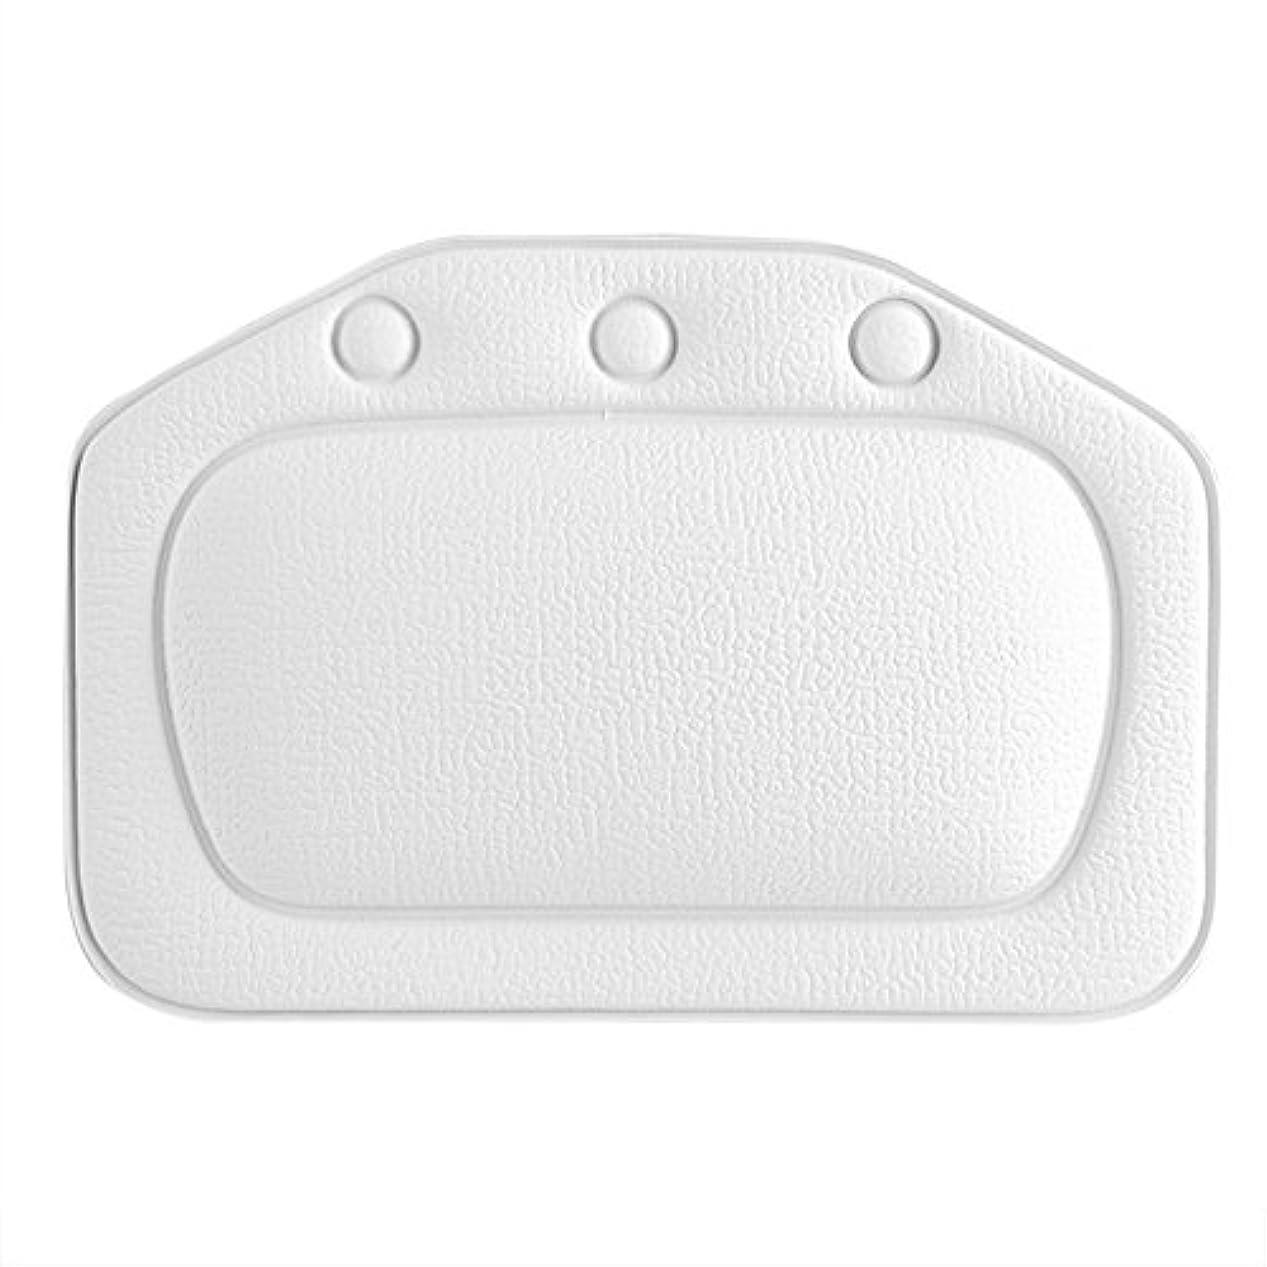 困惑した何十人もペダルスパバスピロー、ソフトフォームパッド付き人間工学に基づいたバスタブクッションピロー浴槽ヘッドレストヘッドネックバッククッションピロー(白)